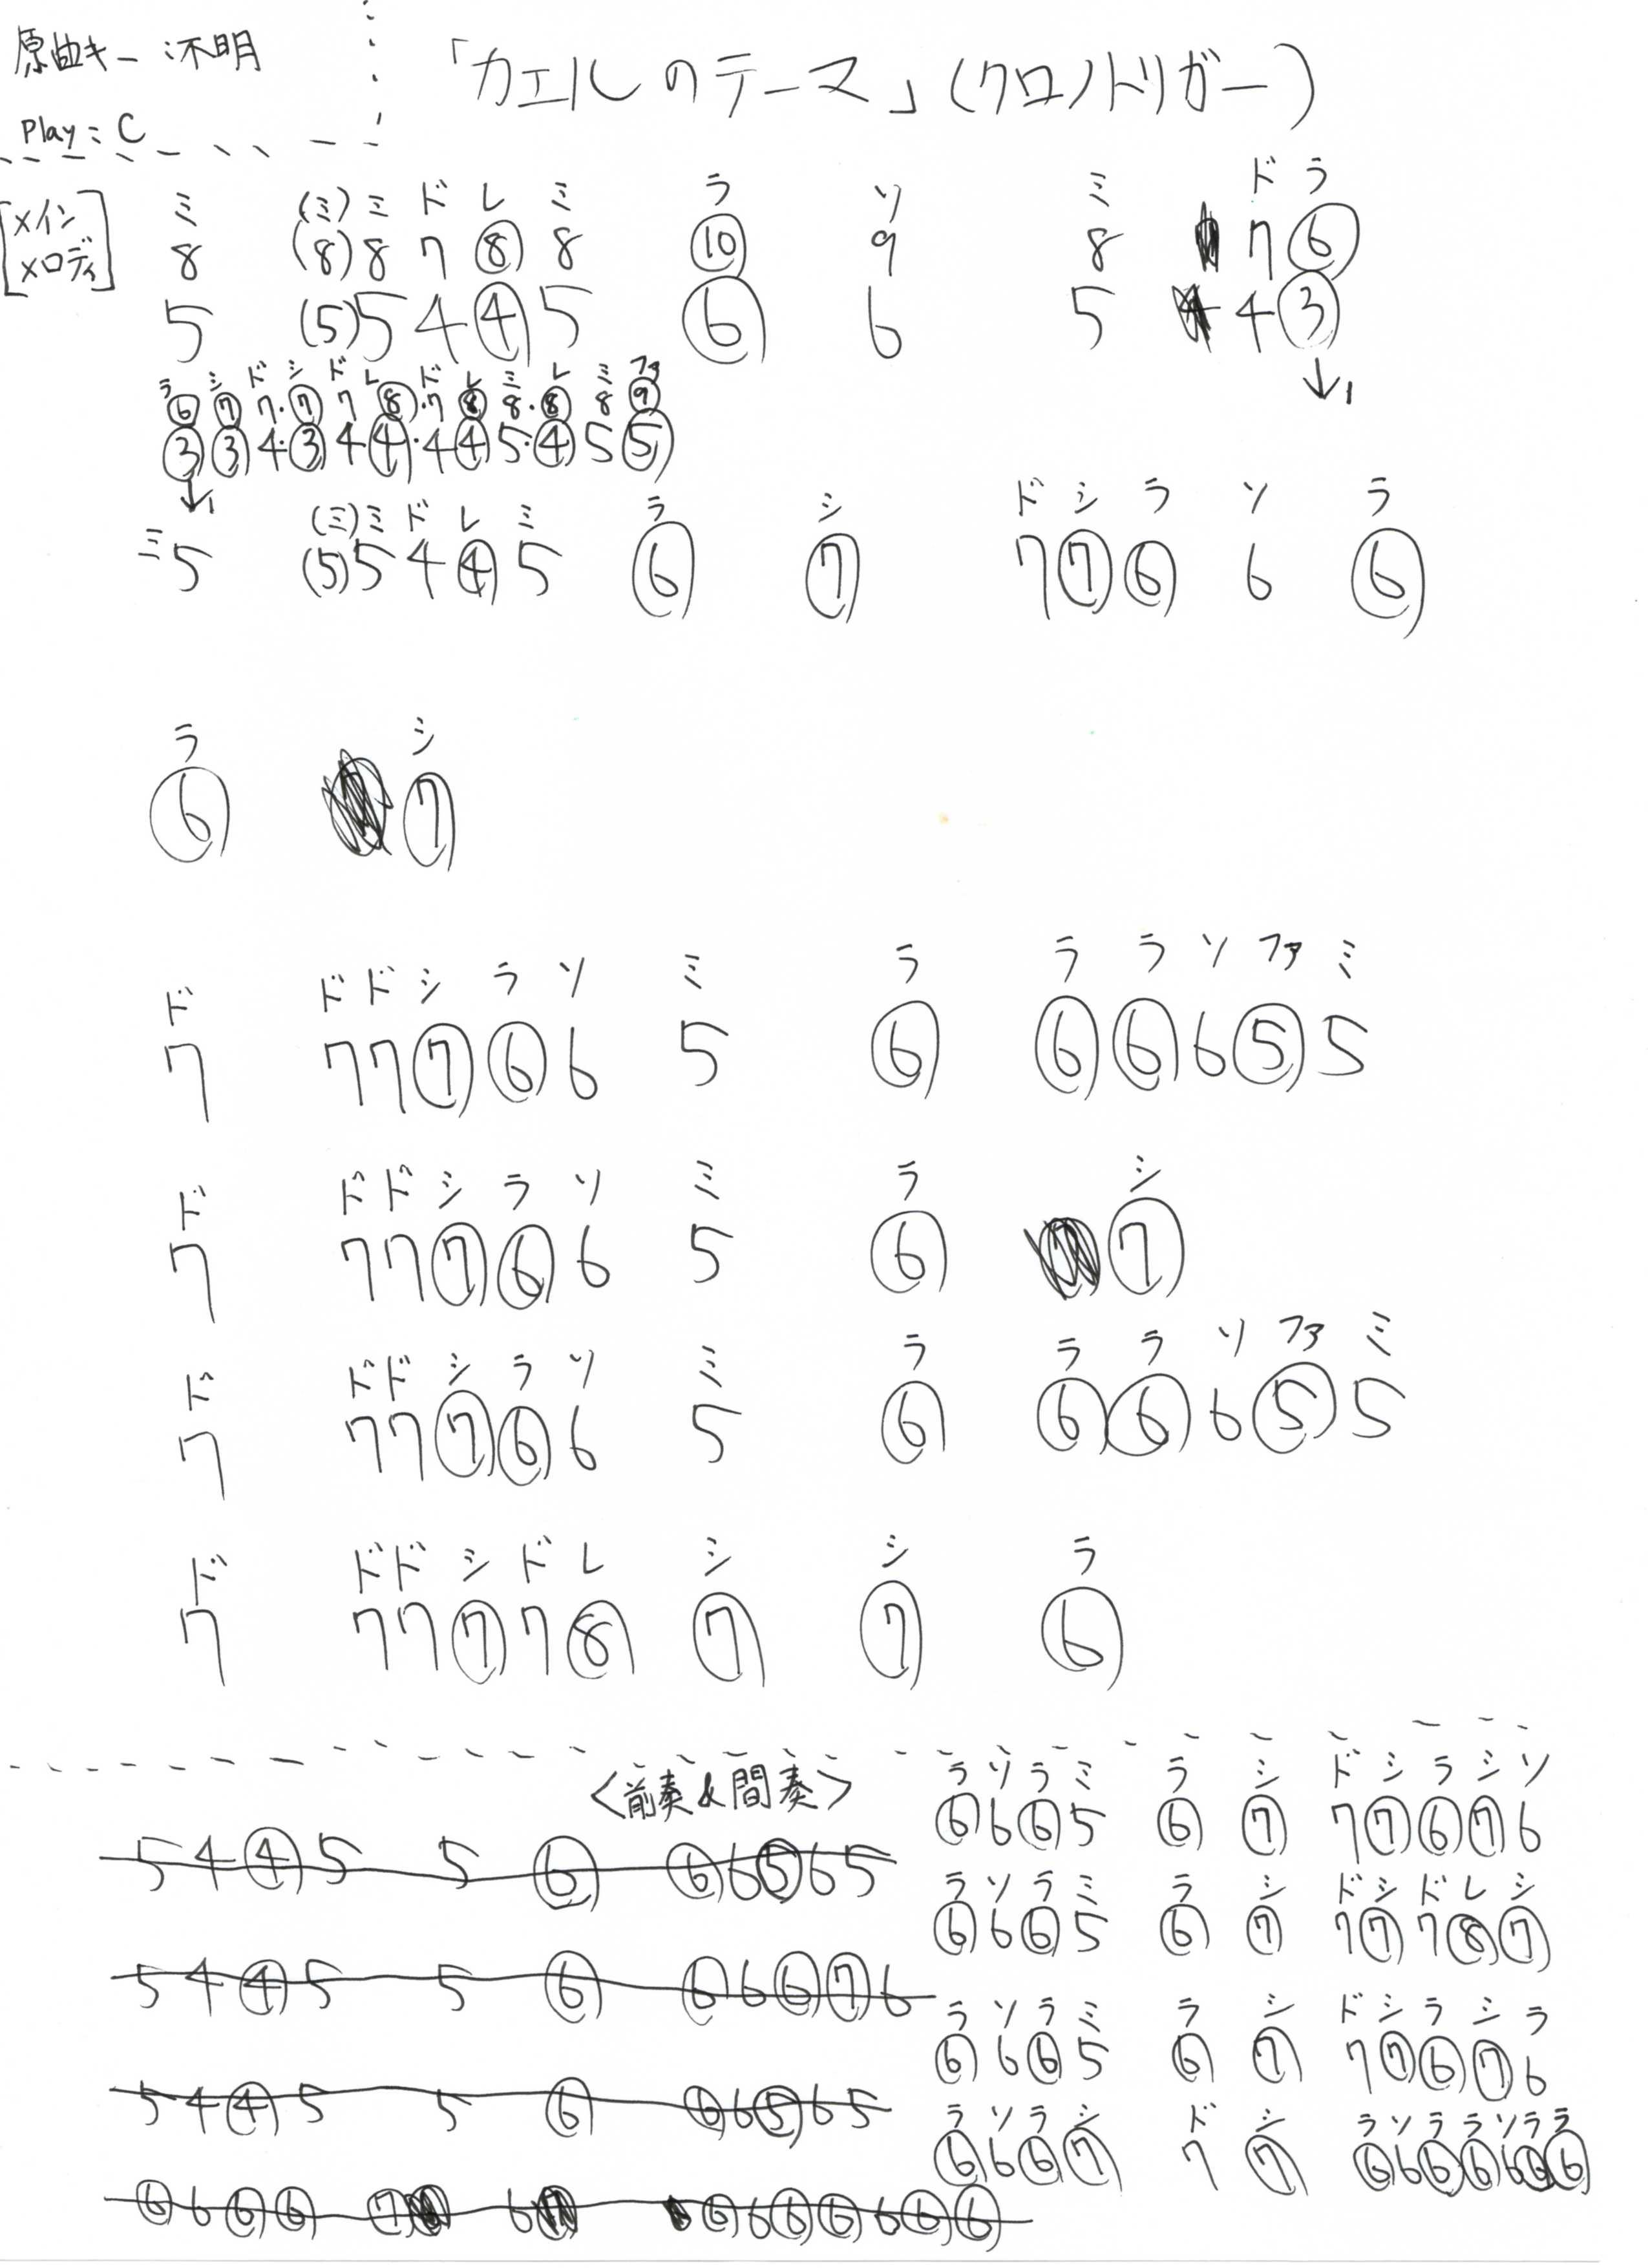 「カエルのテーマ(クロノトリガー)」ハーモニカ用 ドレミ楽譜